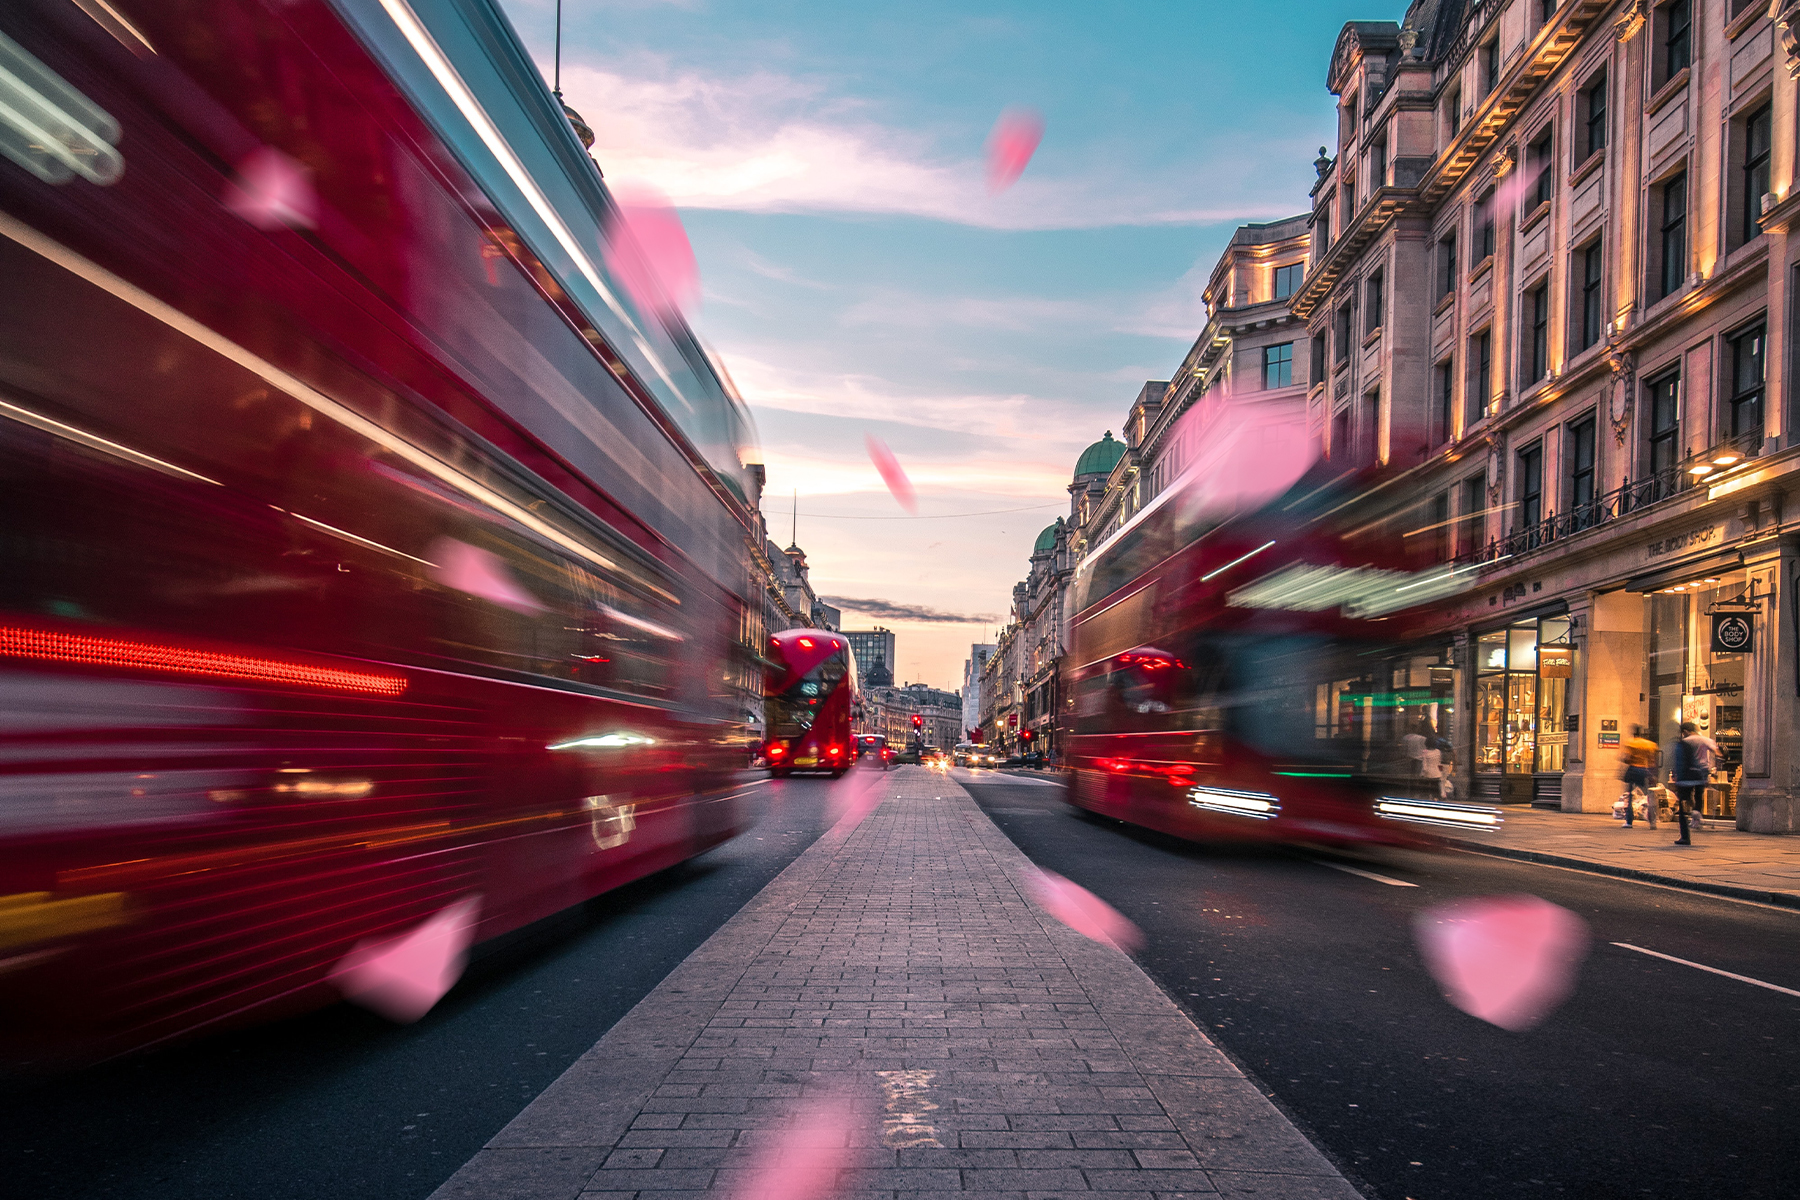 8 สถานที่น่าเที่ยว King's Road, London